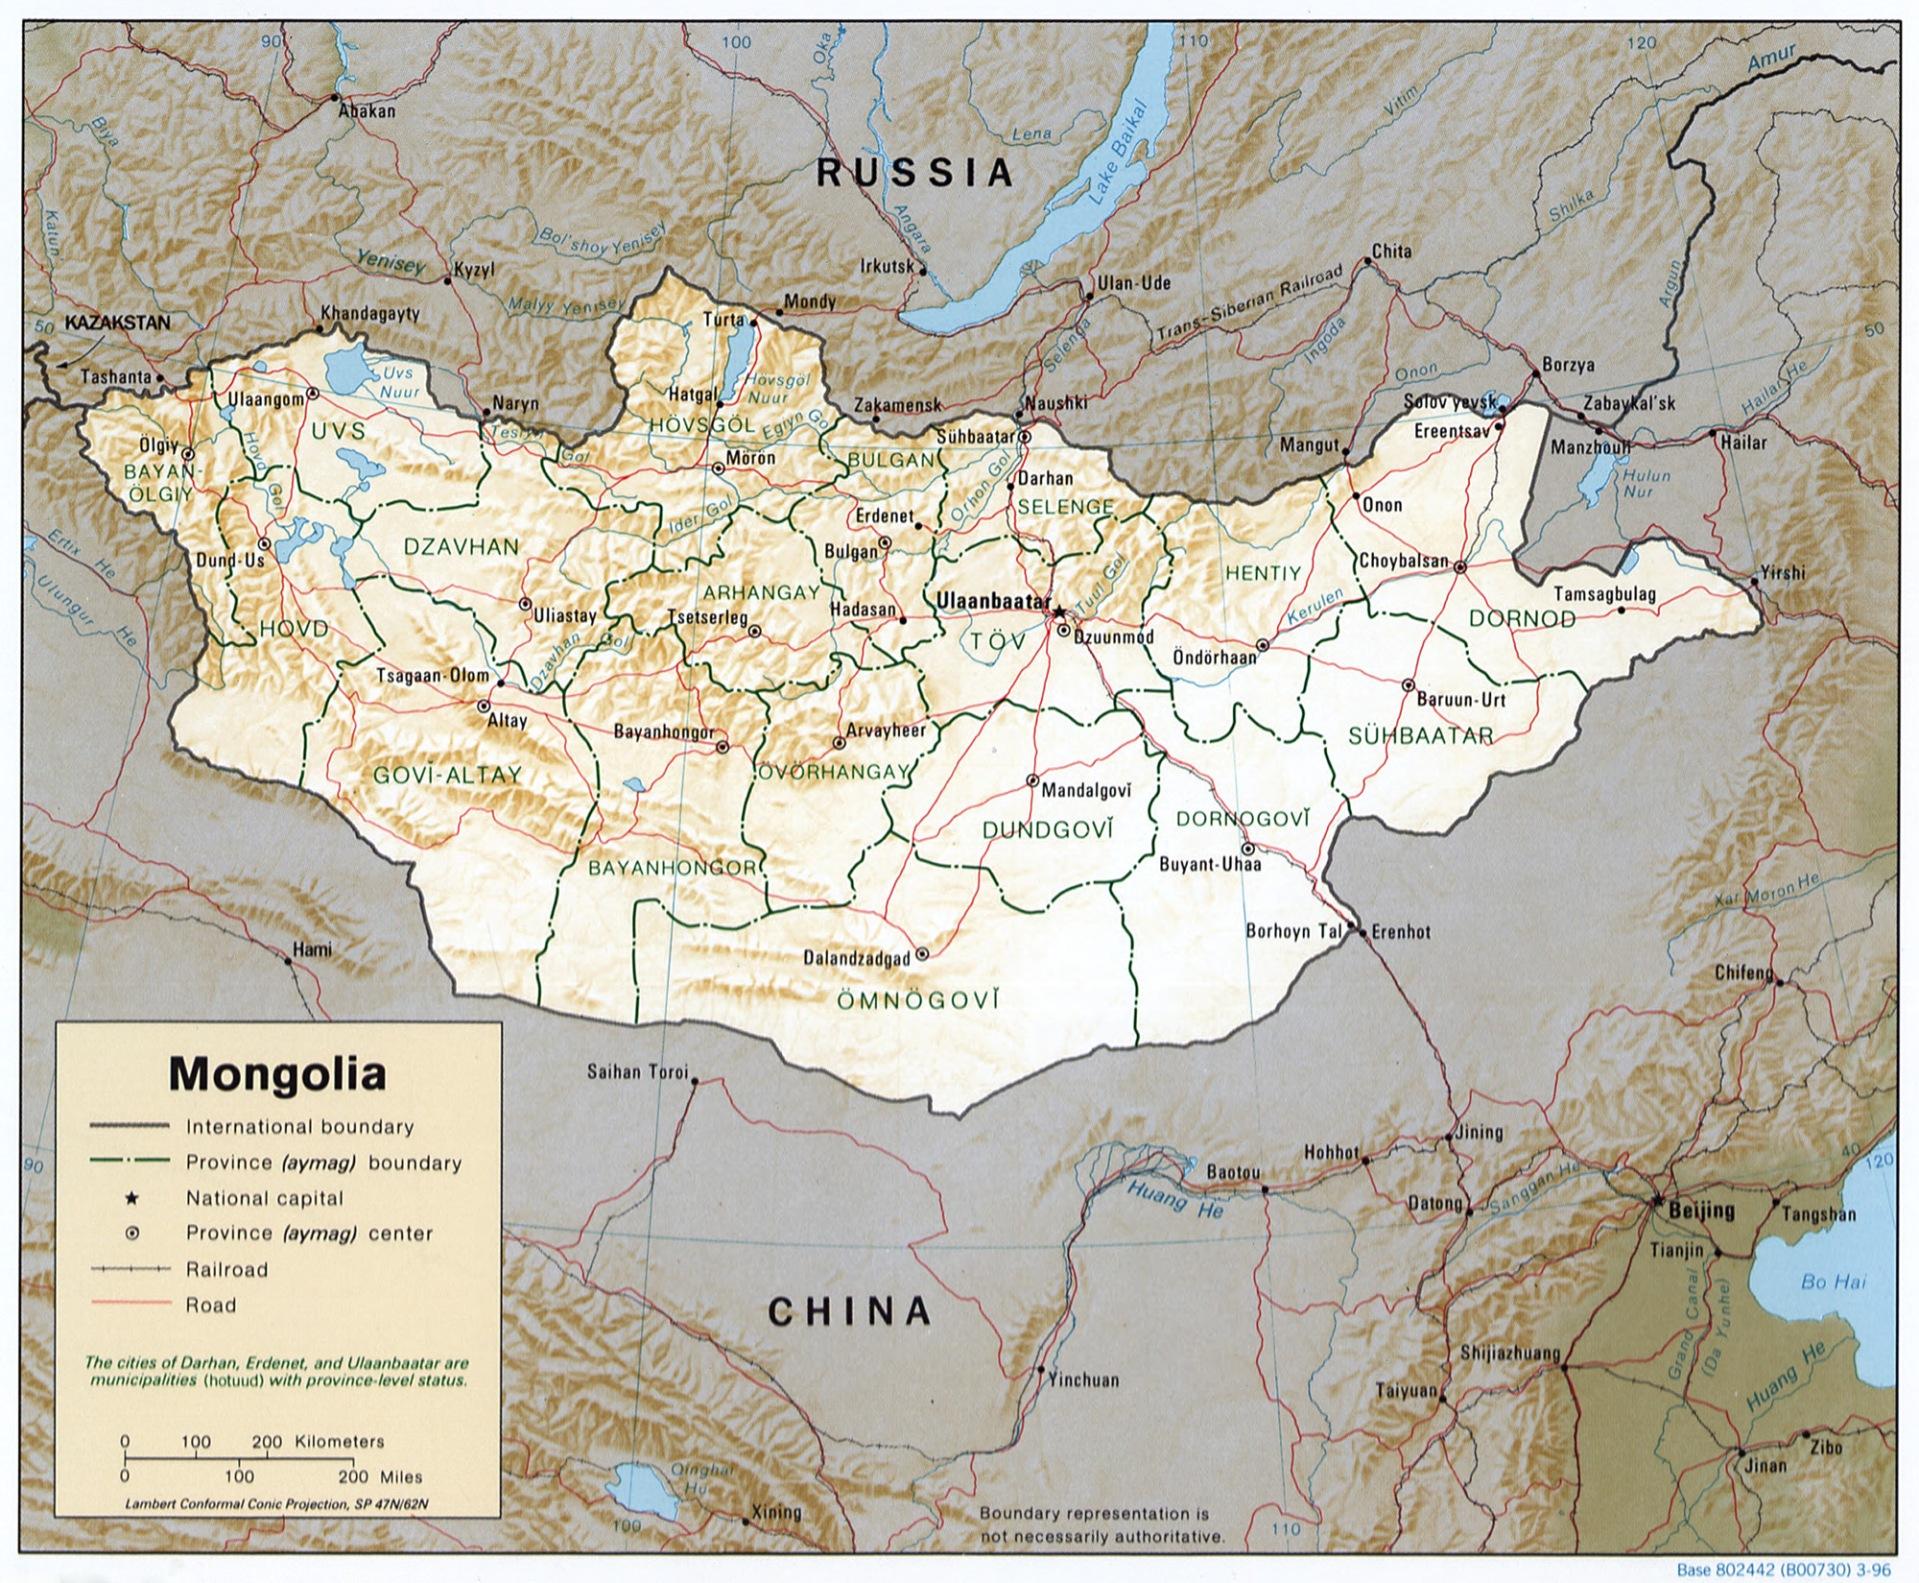 mongolia_1996_cia_map